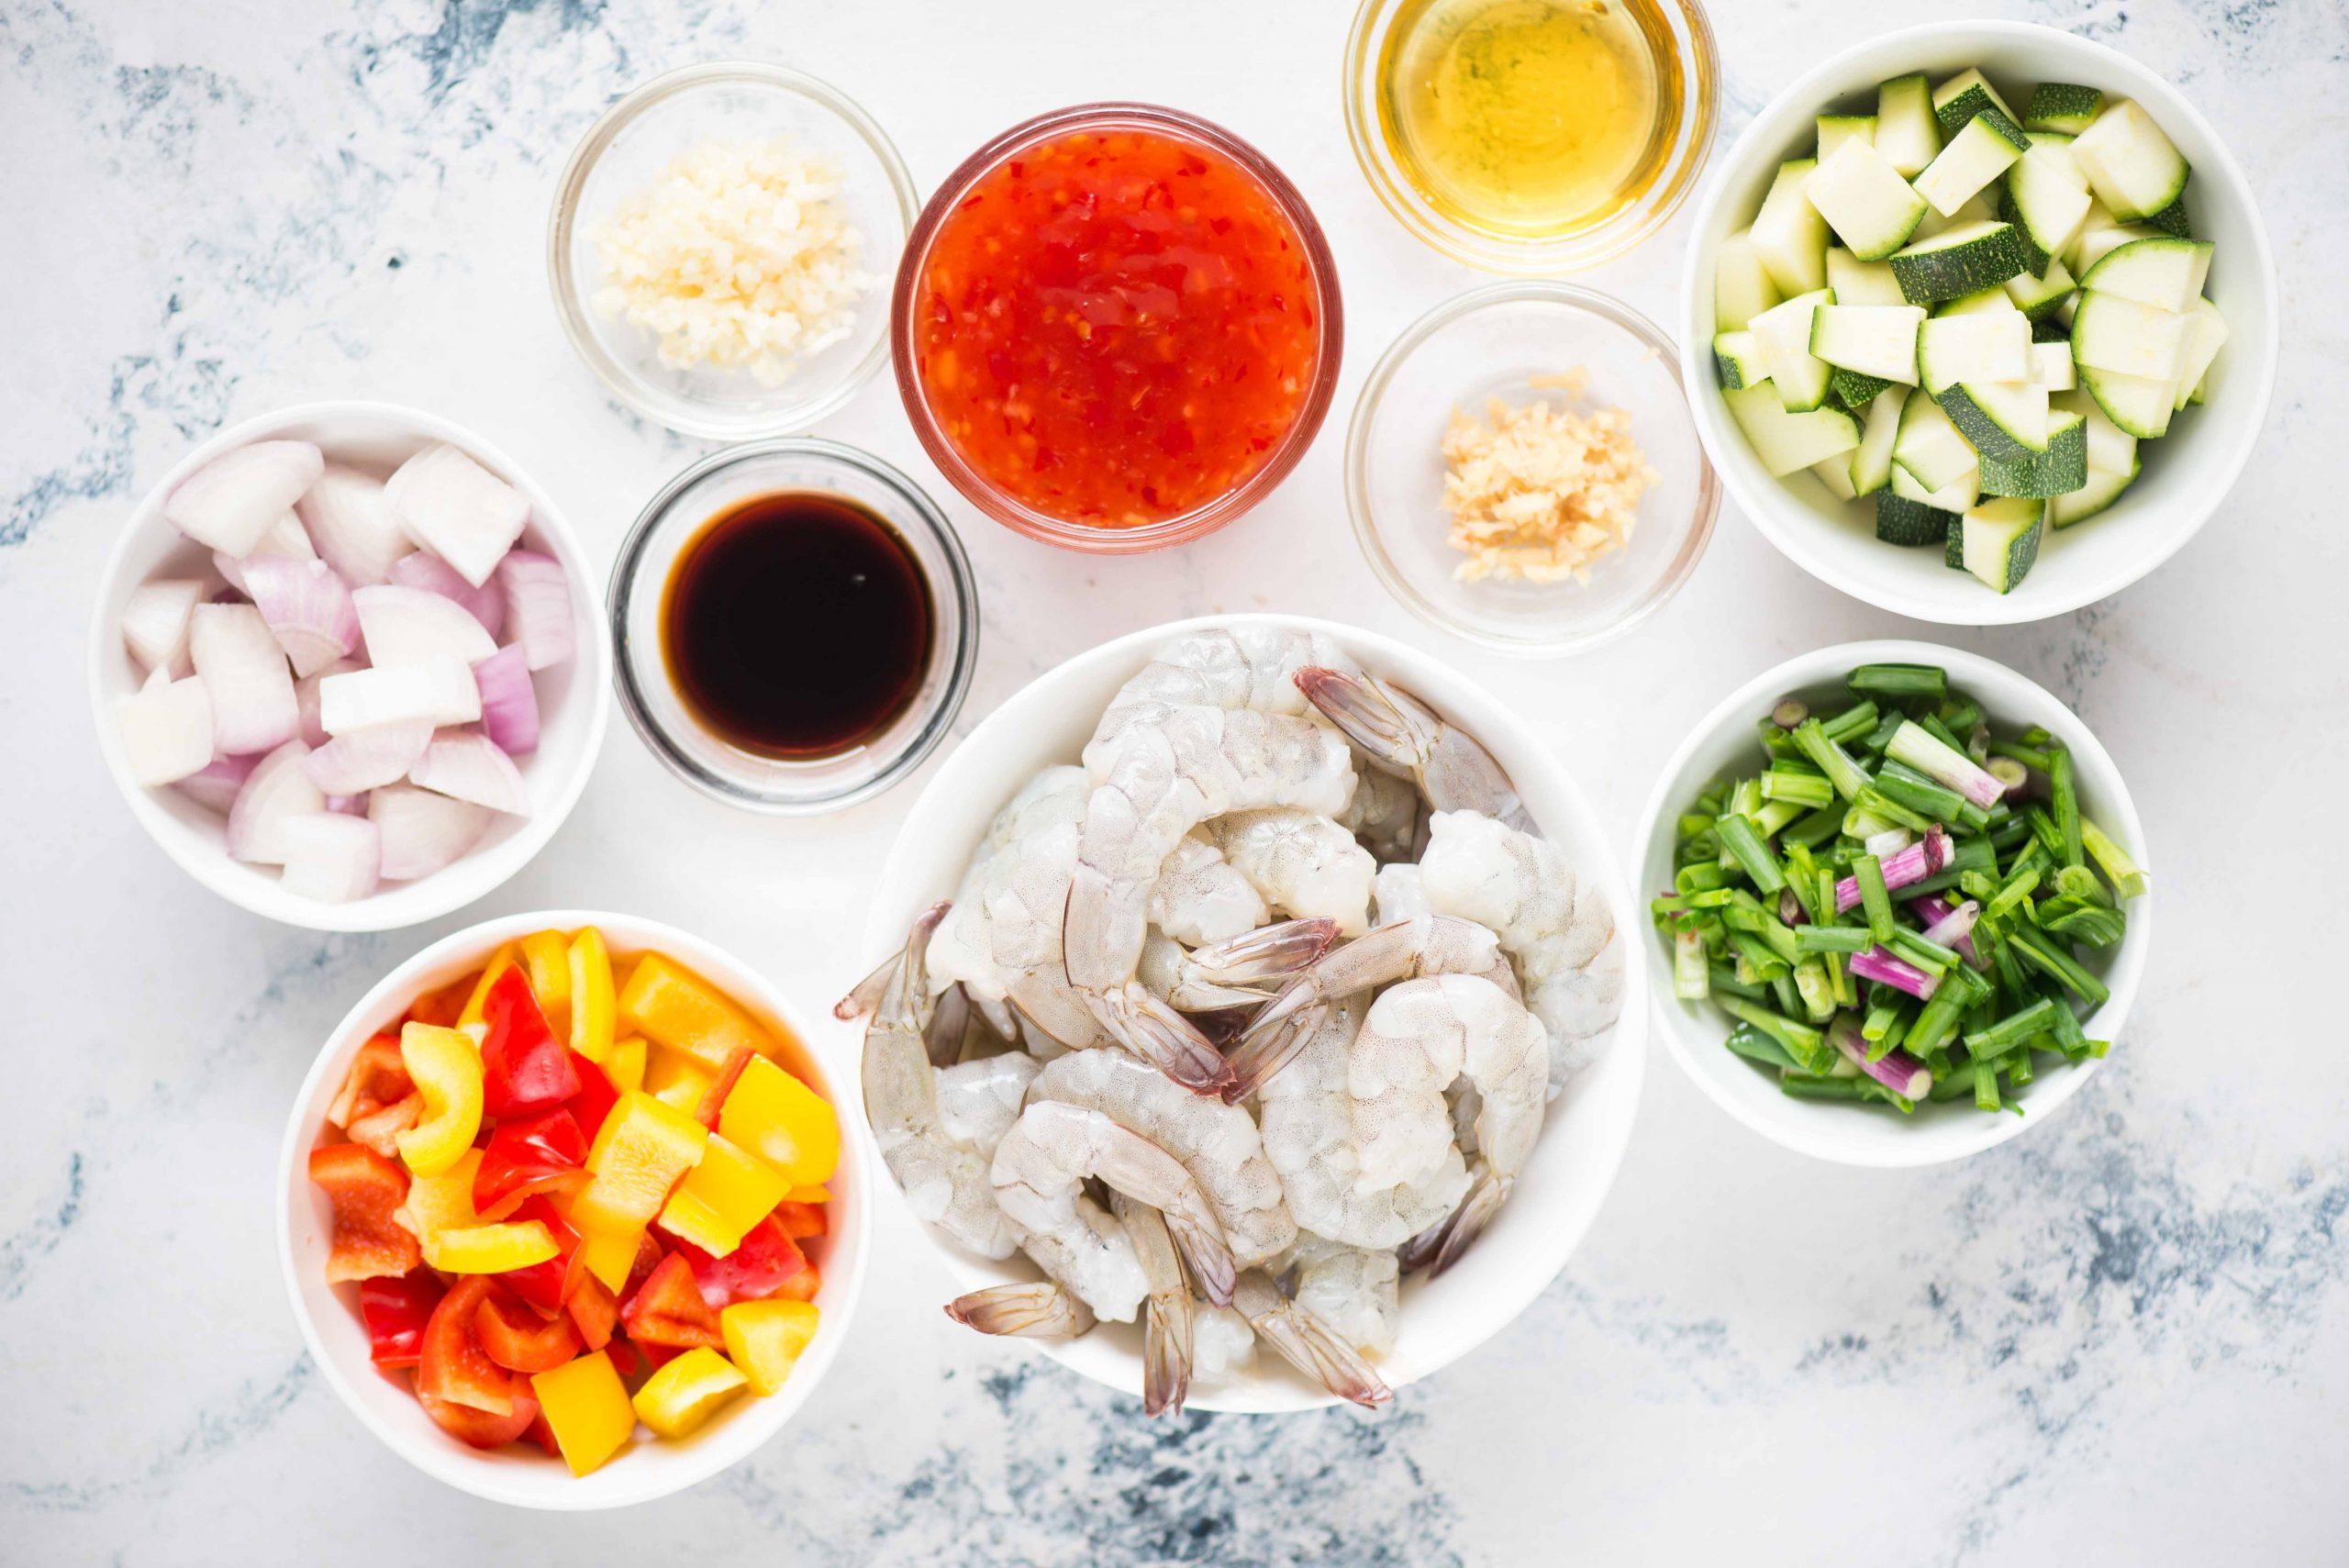 Ingredients for Vegetable Shrimp Stir Fry